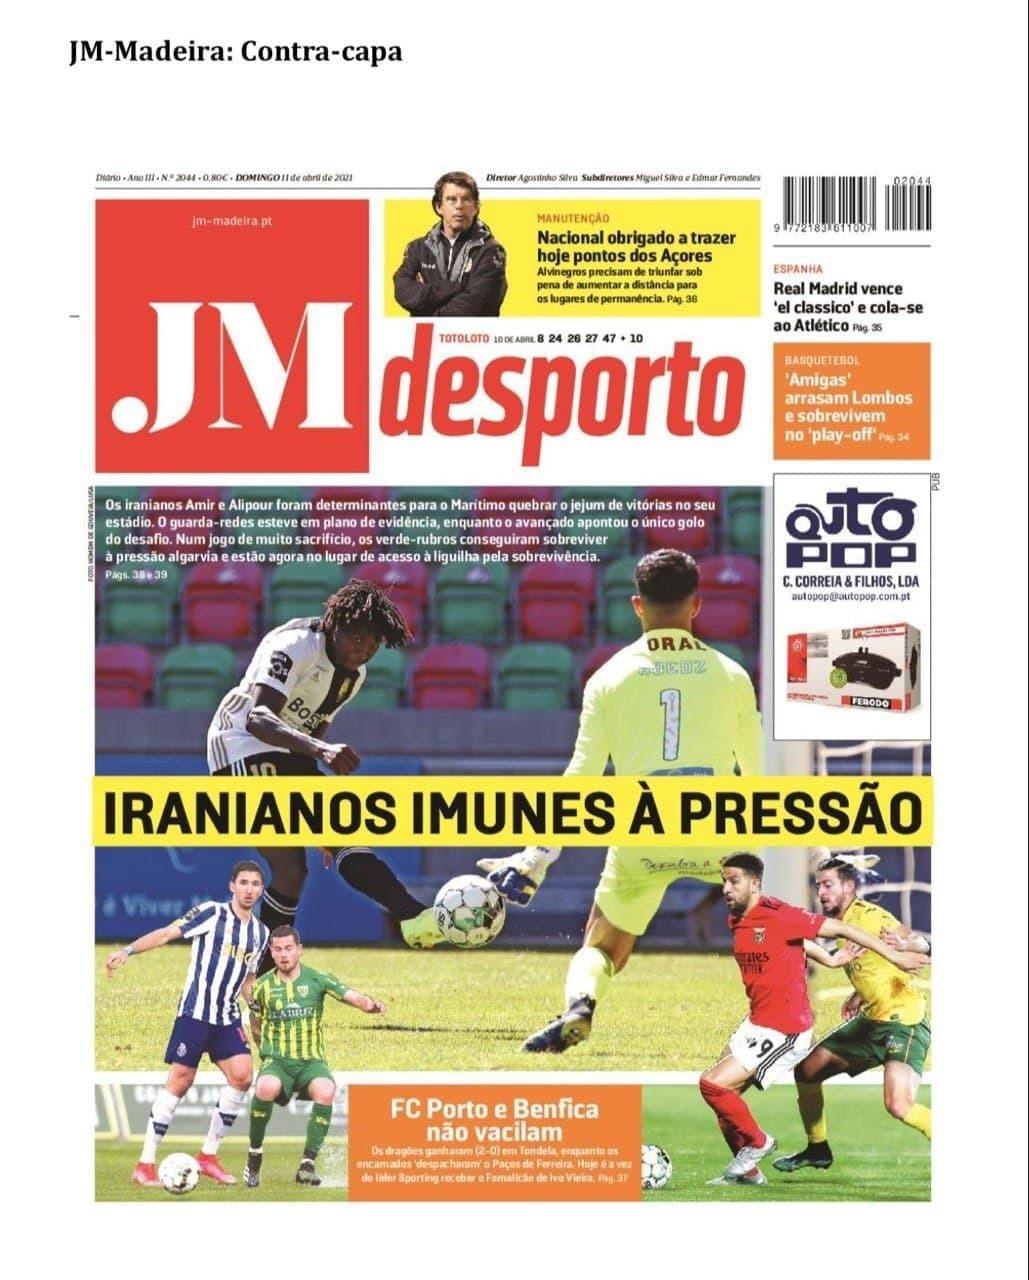 تمجید روزنامه پرتغالی از علیپور و عابدزاده